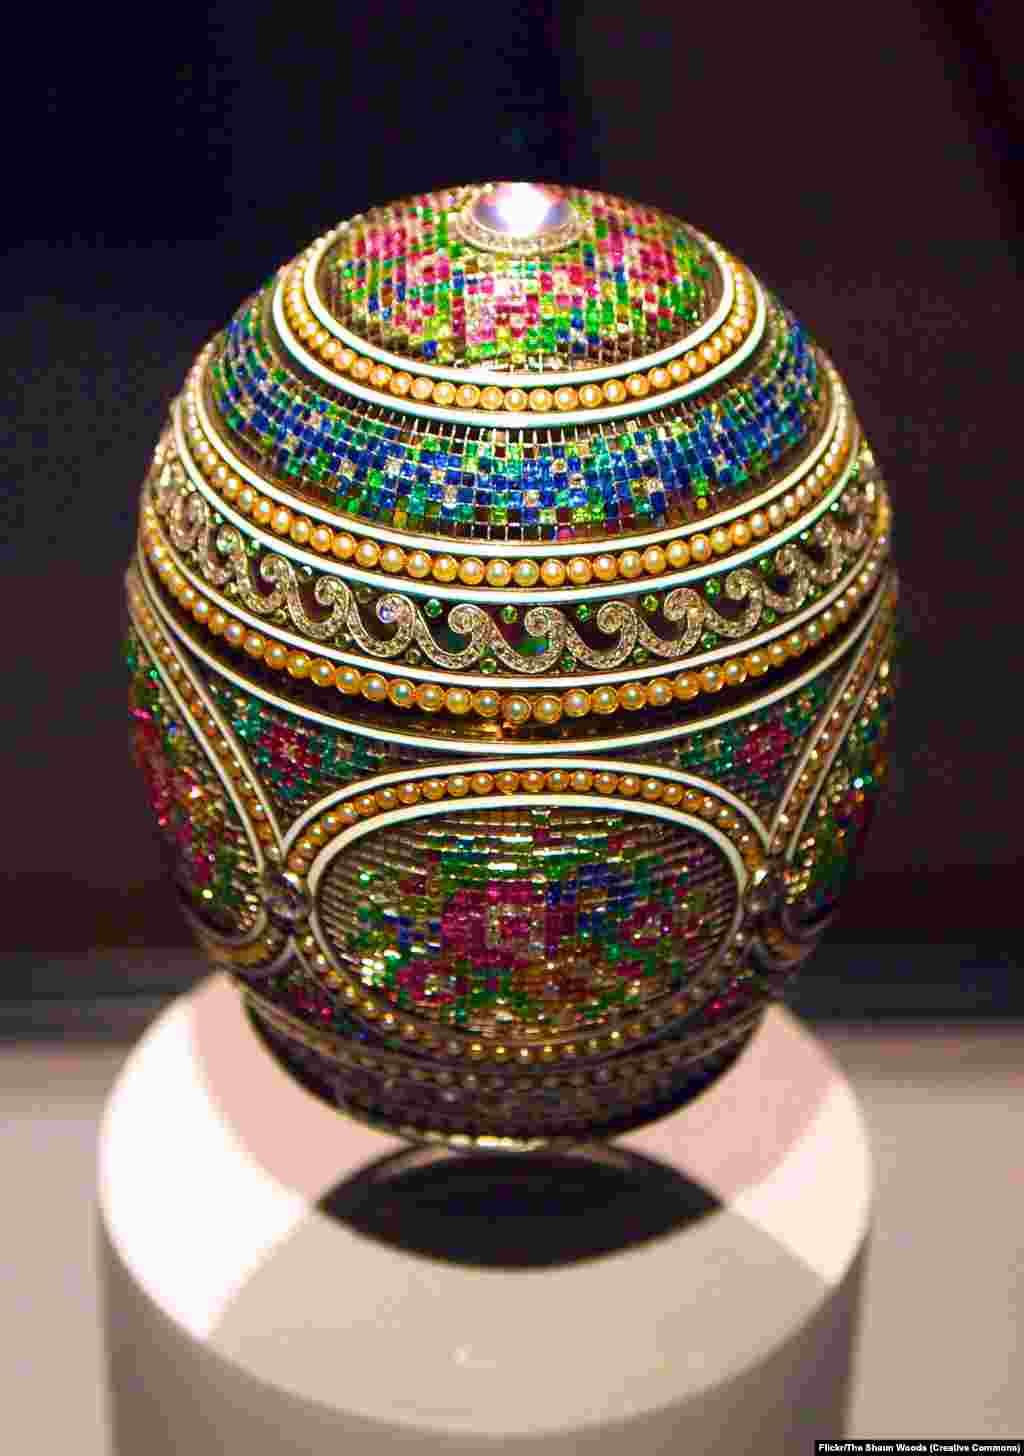 'Veza Mozaik'. Në Rusi është traditë që gjatë Pashkëve të bësh dhuratë vezë të dekoruara, si një simbol i rilindjes dhe pjellshmërisë. Carët dhe argjendarët e tyre të zgjedhur e ngritën traditën e ortodoksëve në një art spektakolar. Por përderisa diamantët po shëndrrisnin në dhomat mbretërore, Rusia po rrëshqiste në trazirë.